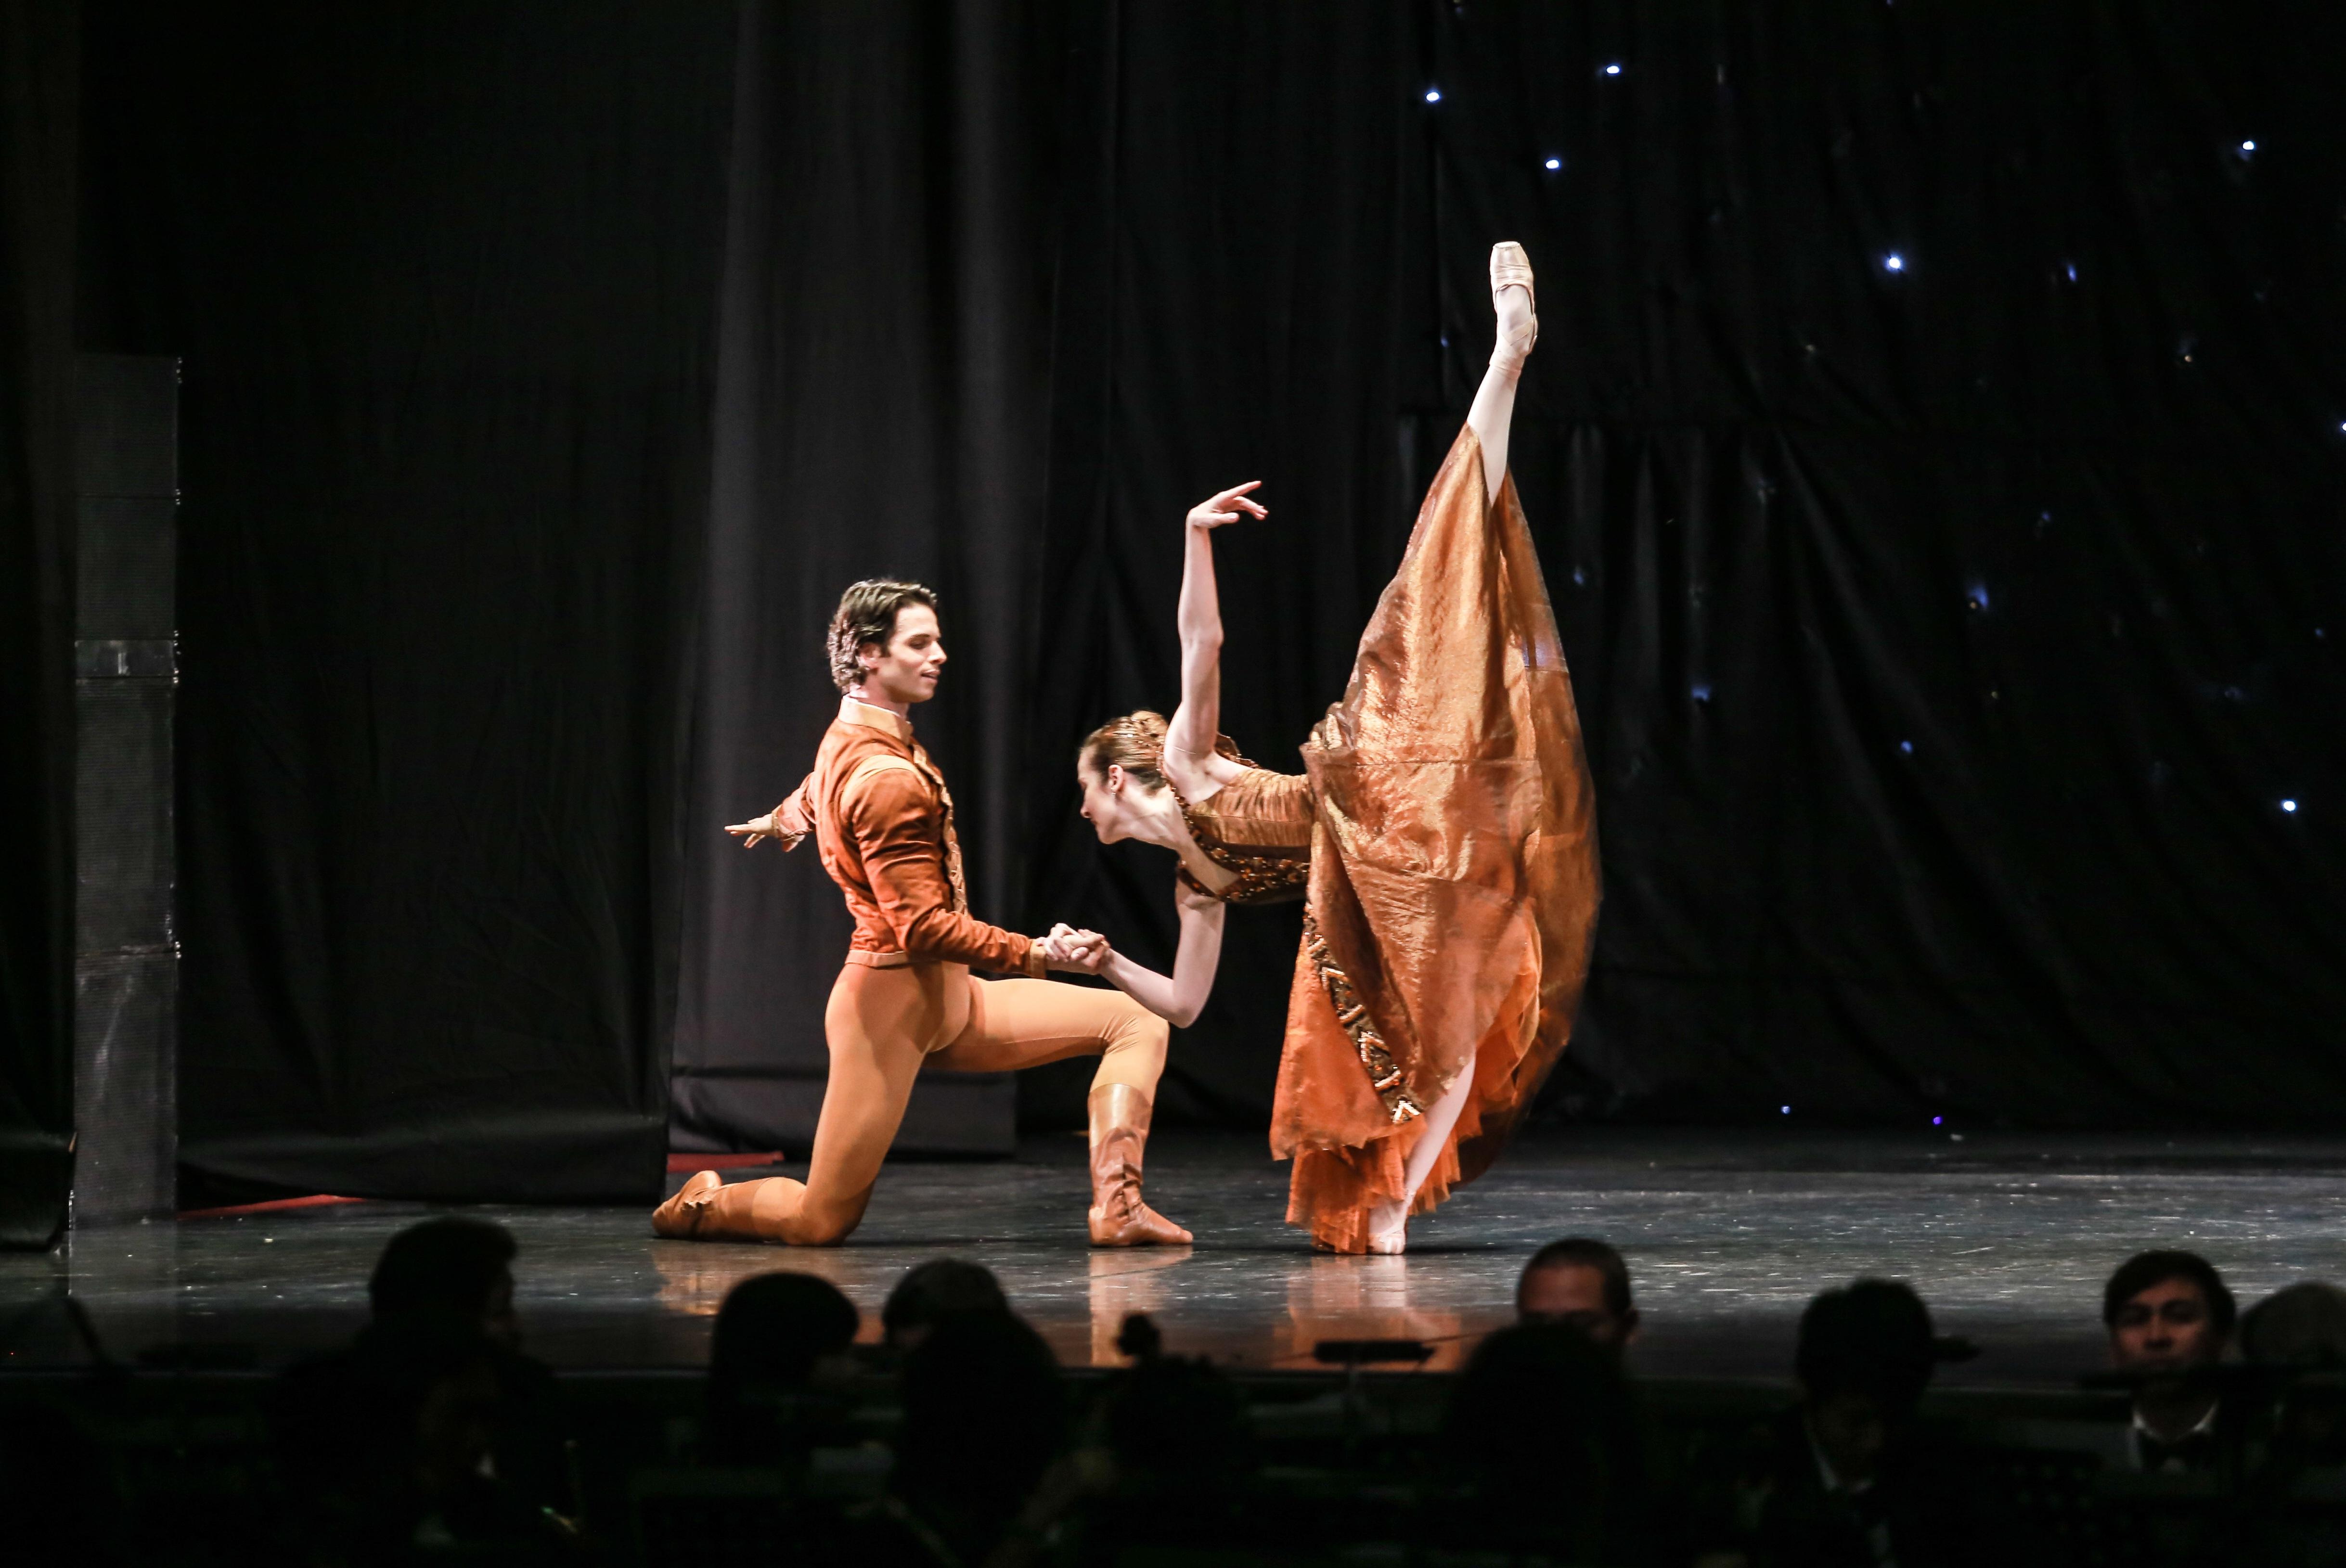 """Paris Ballet par Vpbank: """"Ly vang Pháp"""" cho người sành điệu - 2"""